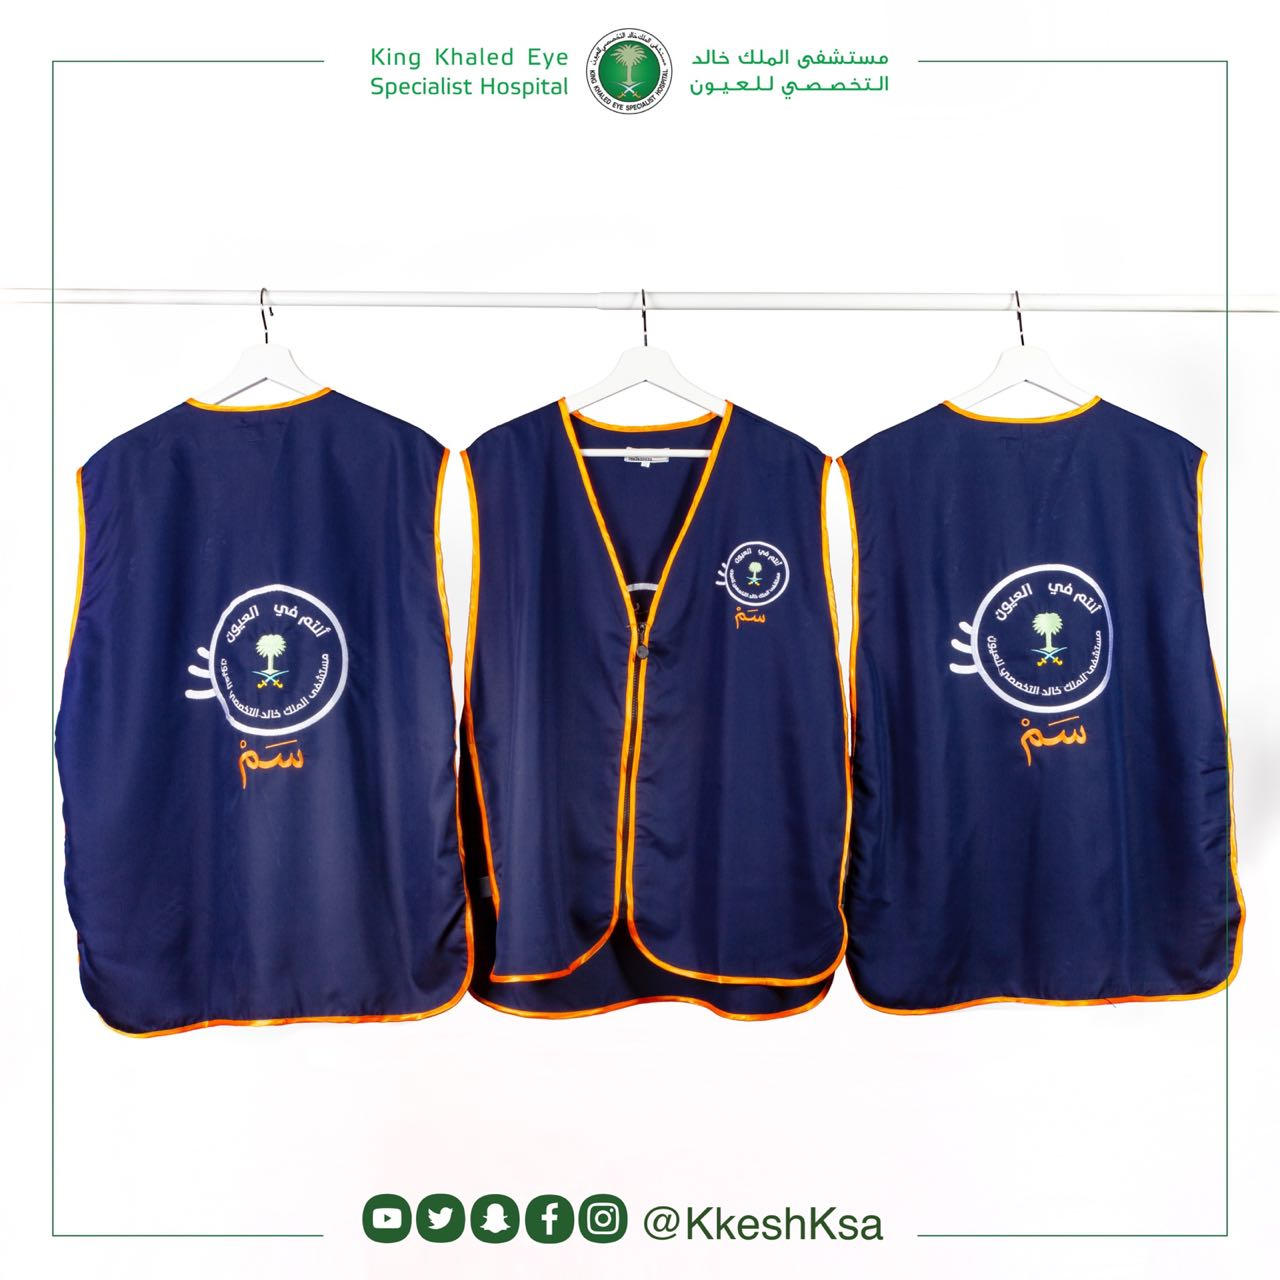 """مستشفى الملك خالد التخصصي للعيون يطلق مبادرة """"سَمْ"""""""